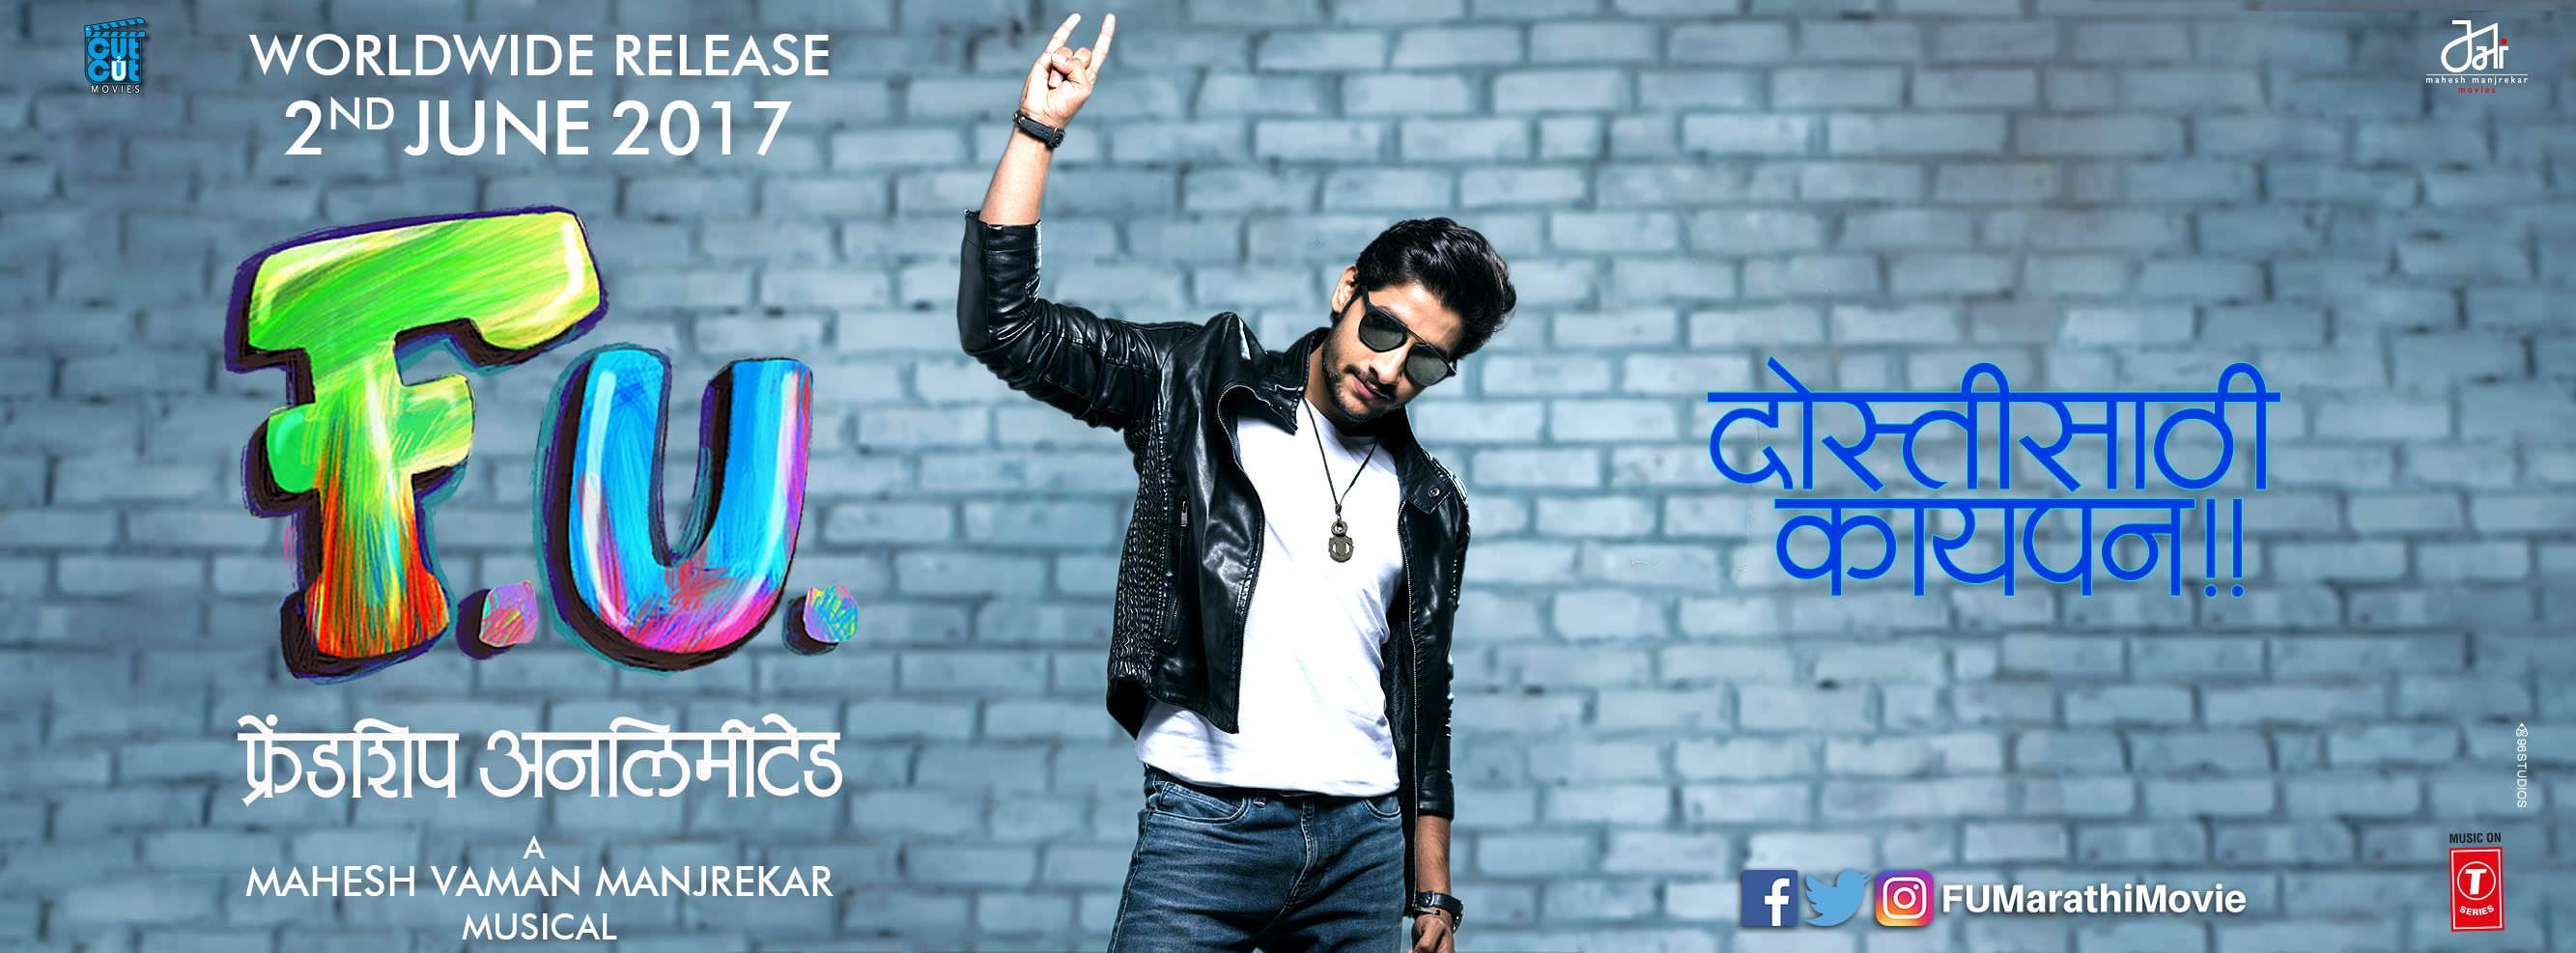 fu movie thosar marathi friendship unlimited aakash akash cool upcoming poster dude looks cast marathistars movies